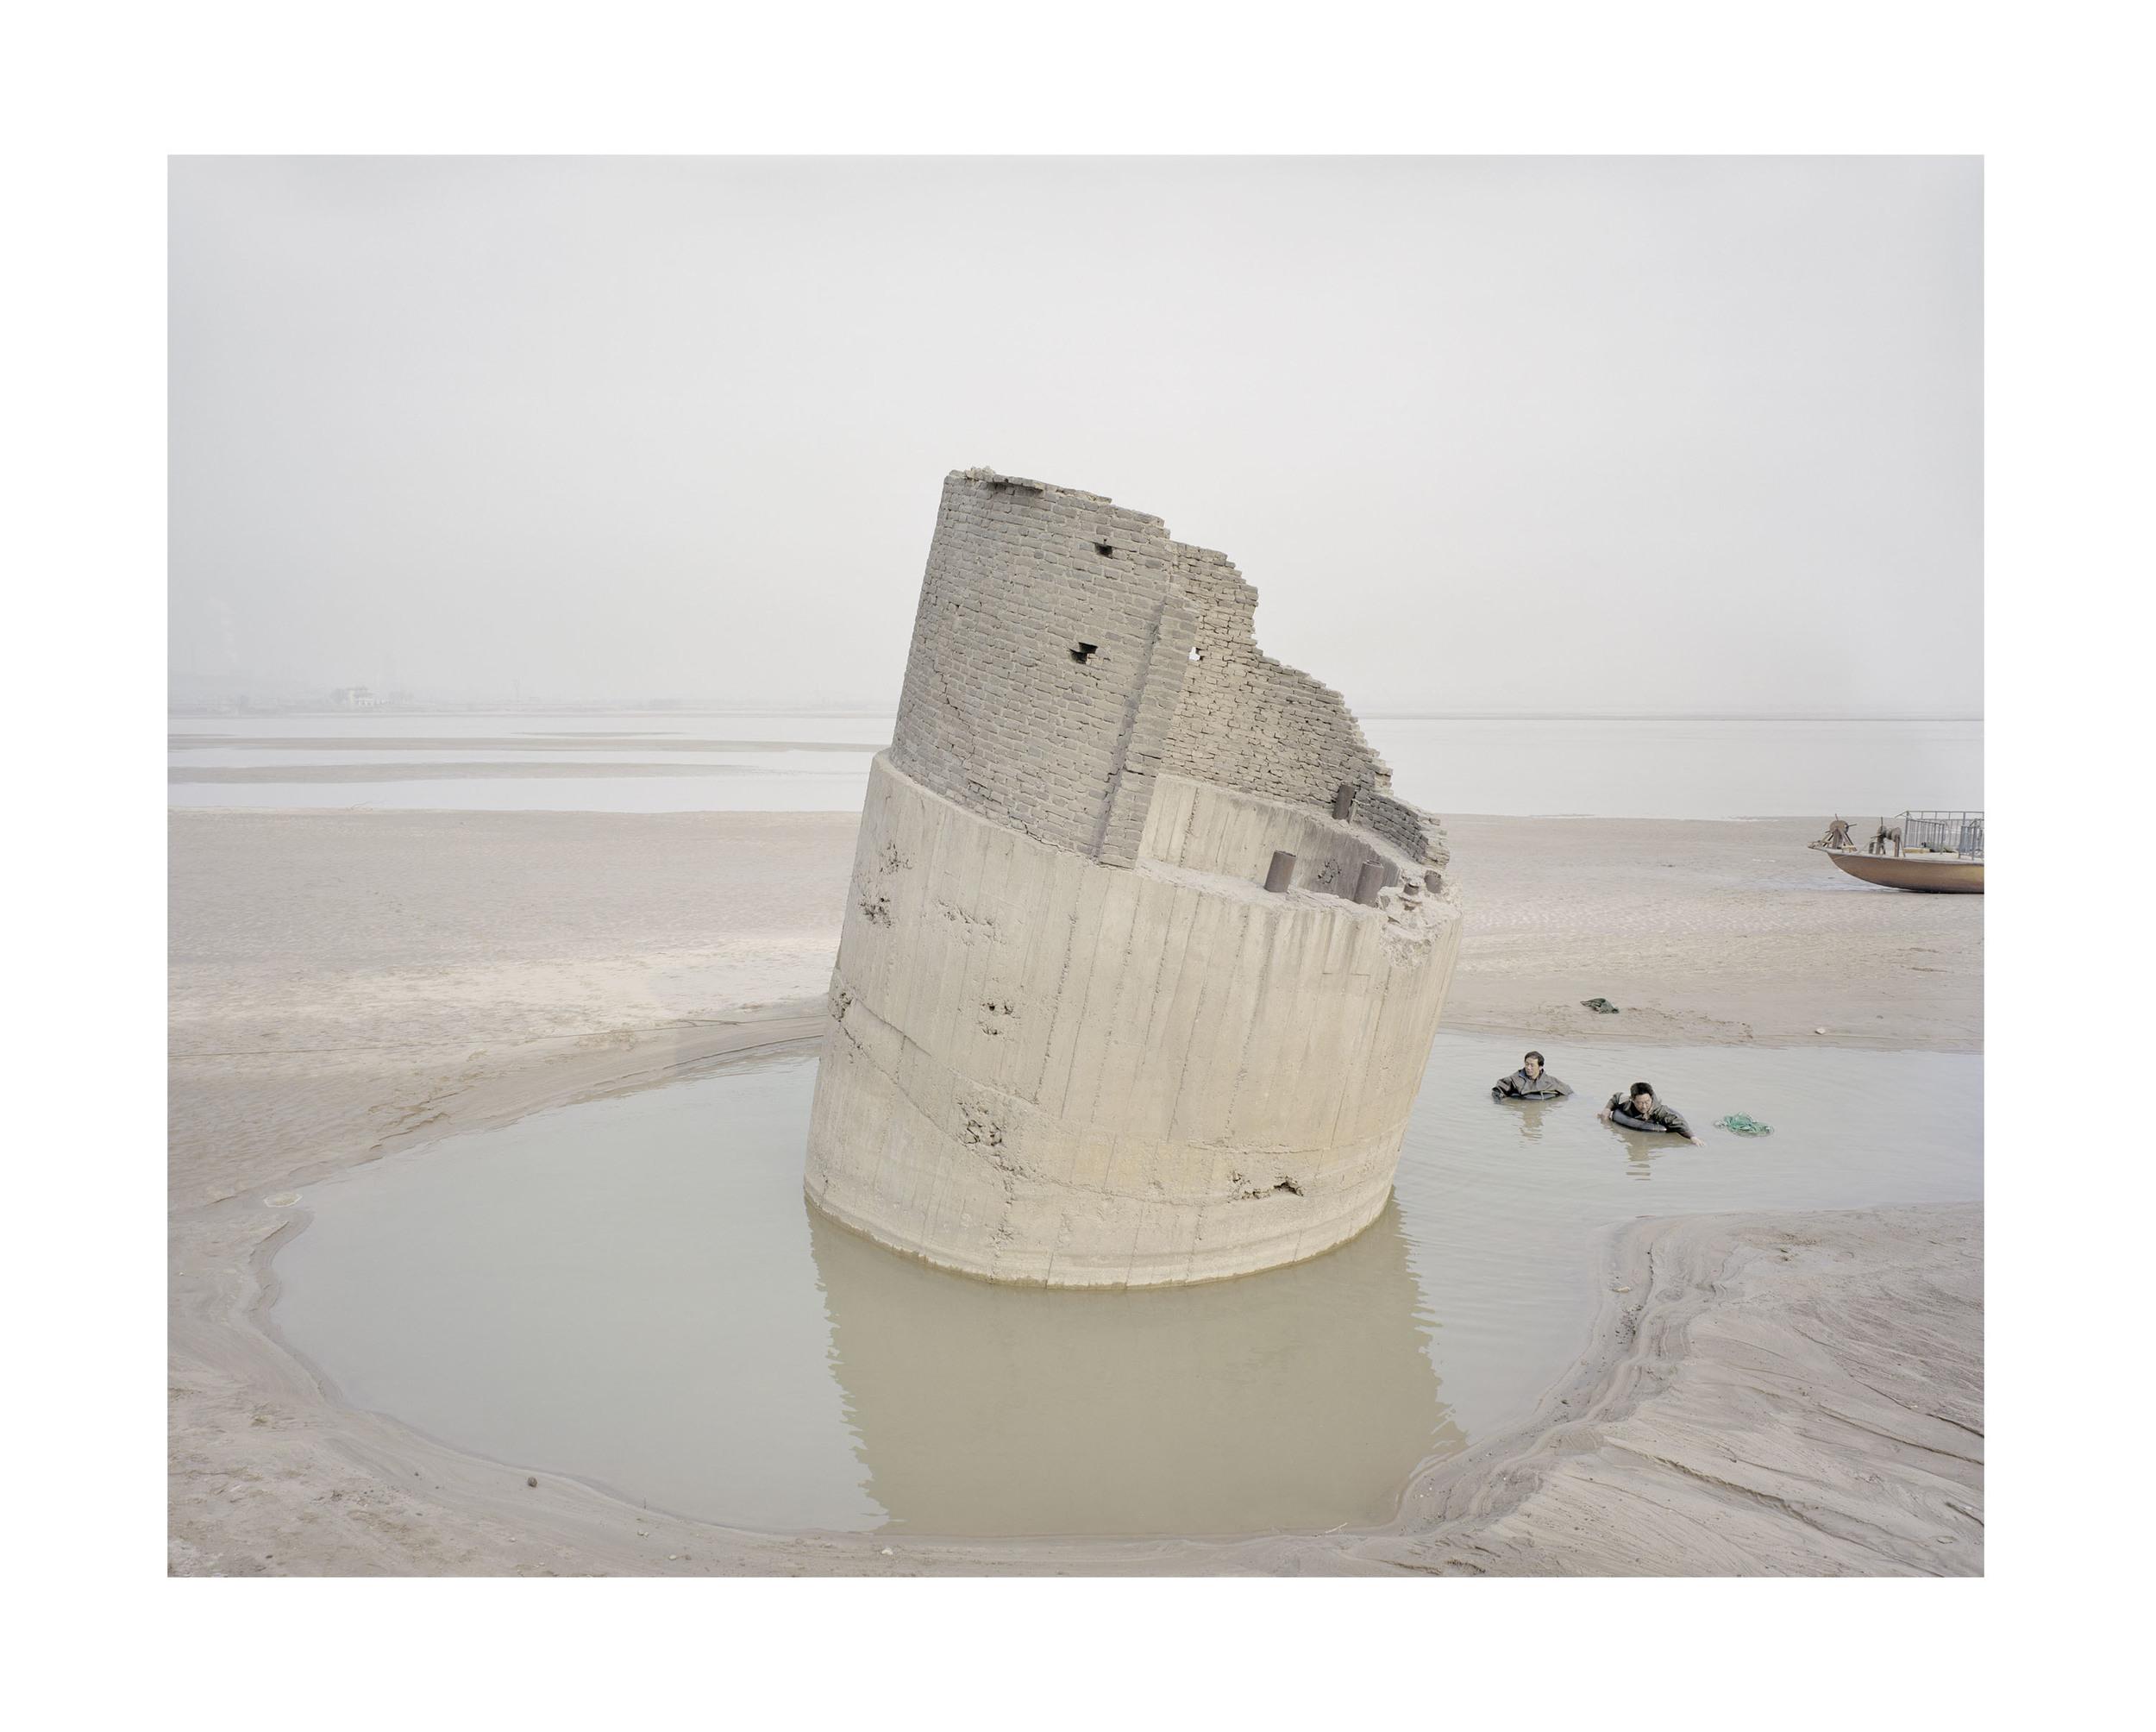 河邊捕魚的人, 陝西, 2012            100 x 120   厘米/ 112x 138   厘米/ 140 x 168 厘米